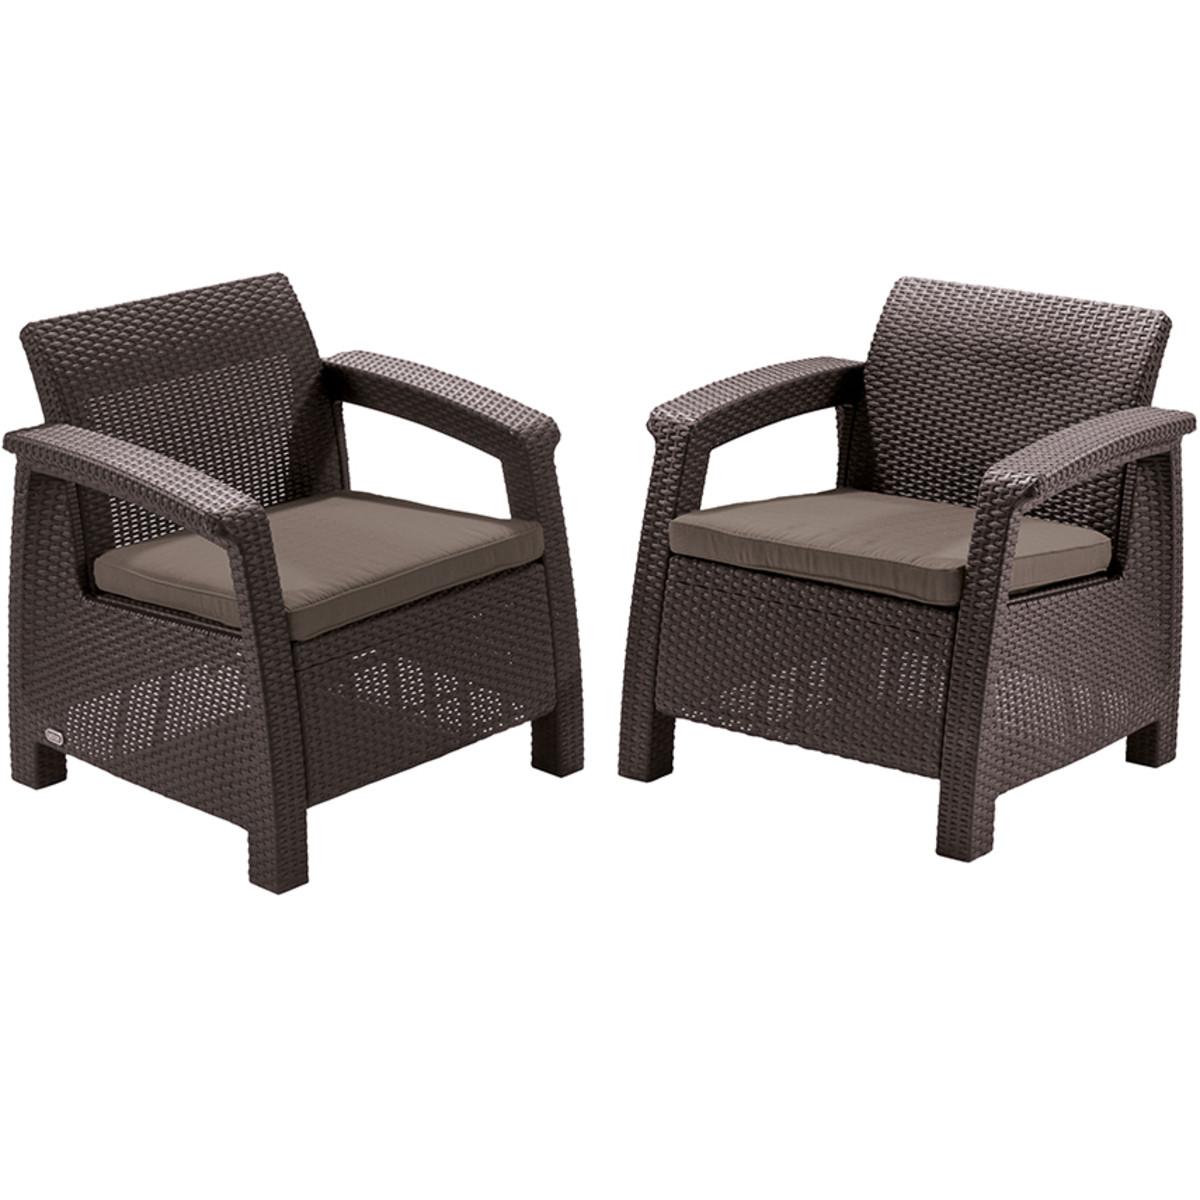 Набор садовой мебели Keter Corfu Duo Set полиротанг коричневый 2 кресла